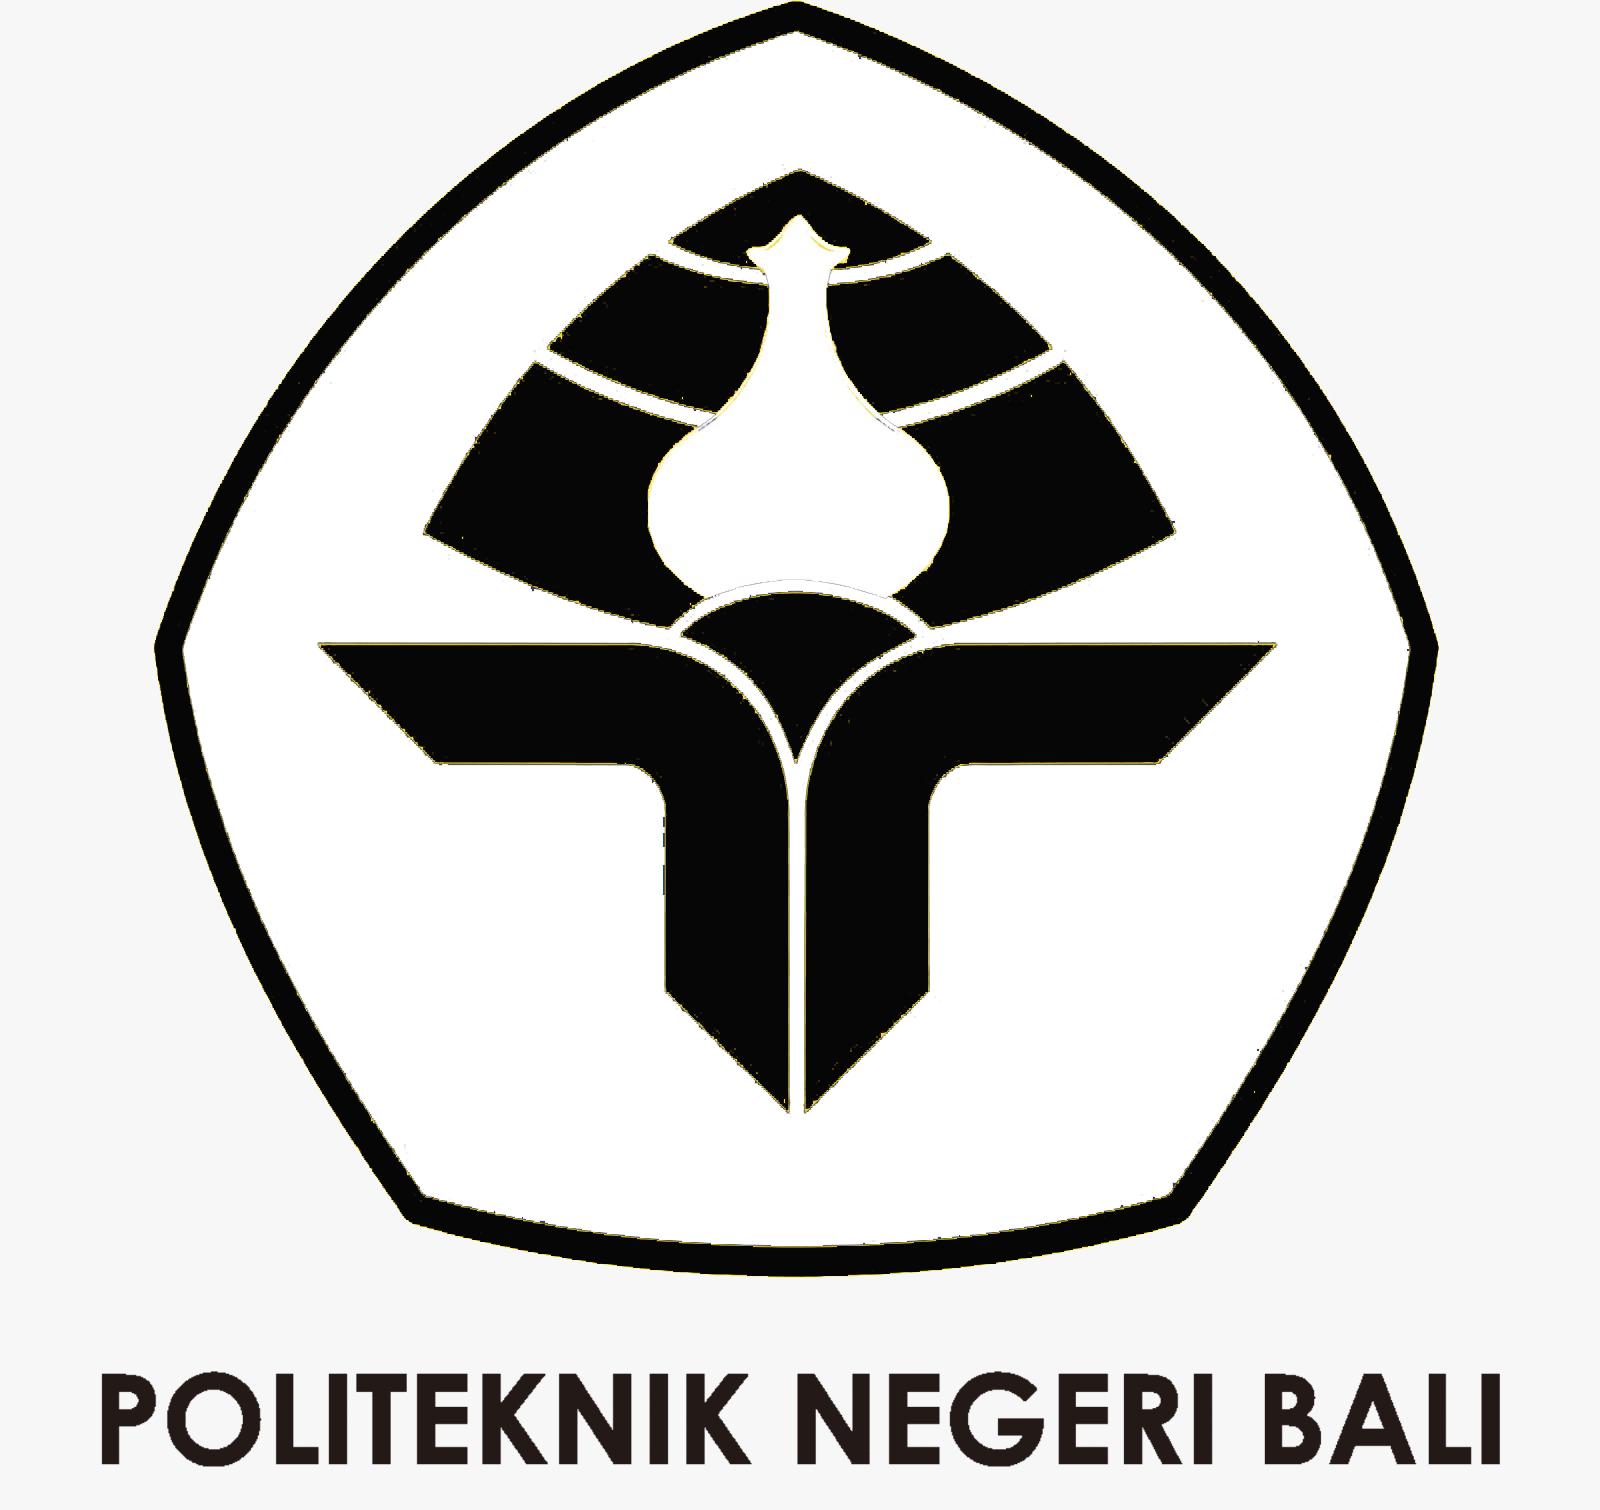 Logo PNB (Politeknik Negeri Bali) Original Lengkap Hitam Putih PNG